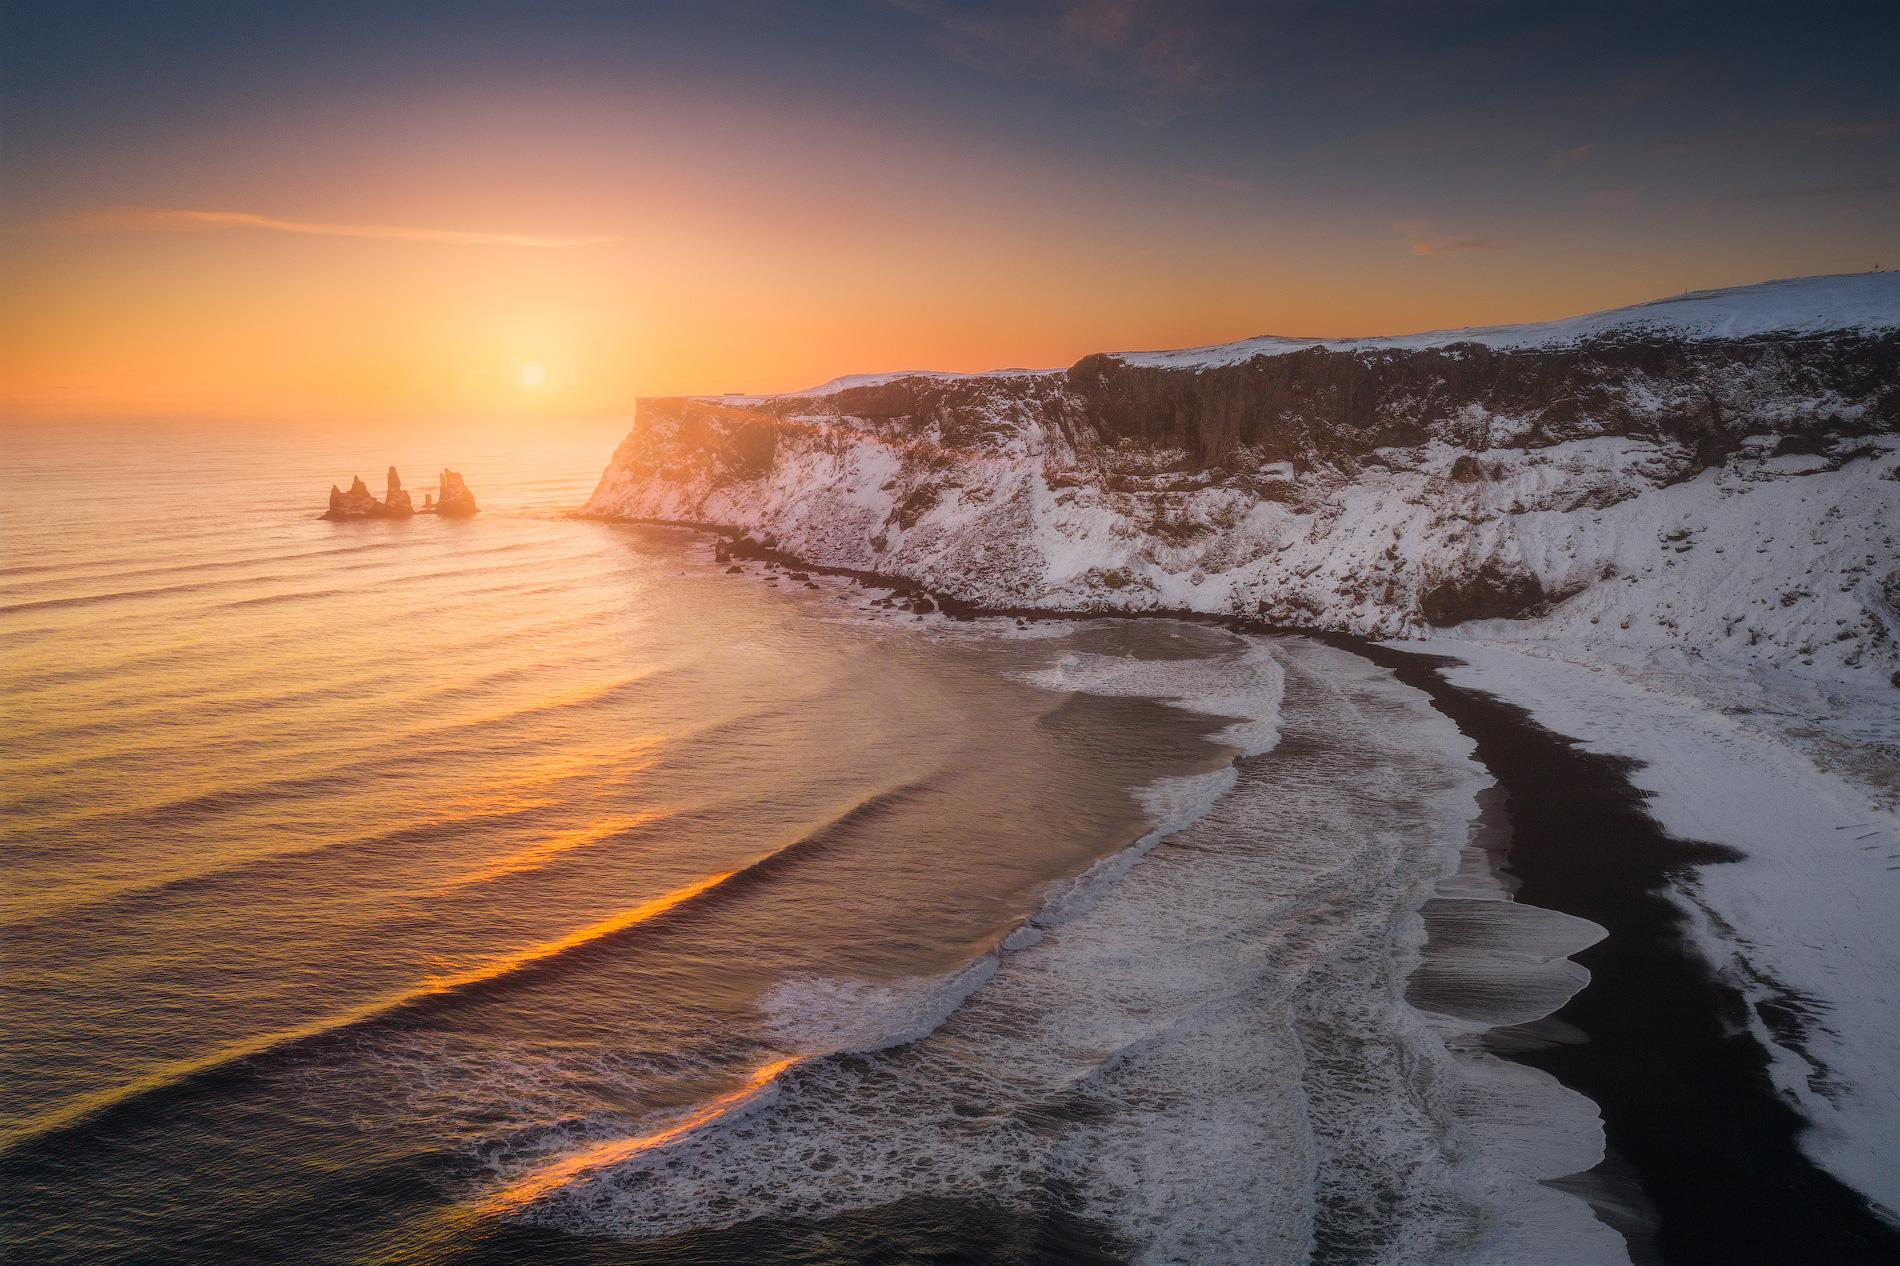 Le soleil se couche sur la magnifique côte sud de l'Islande.